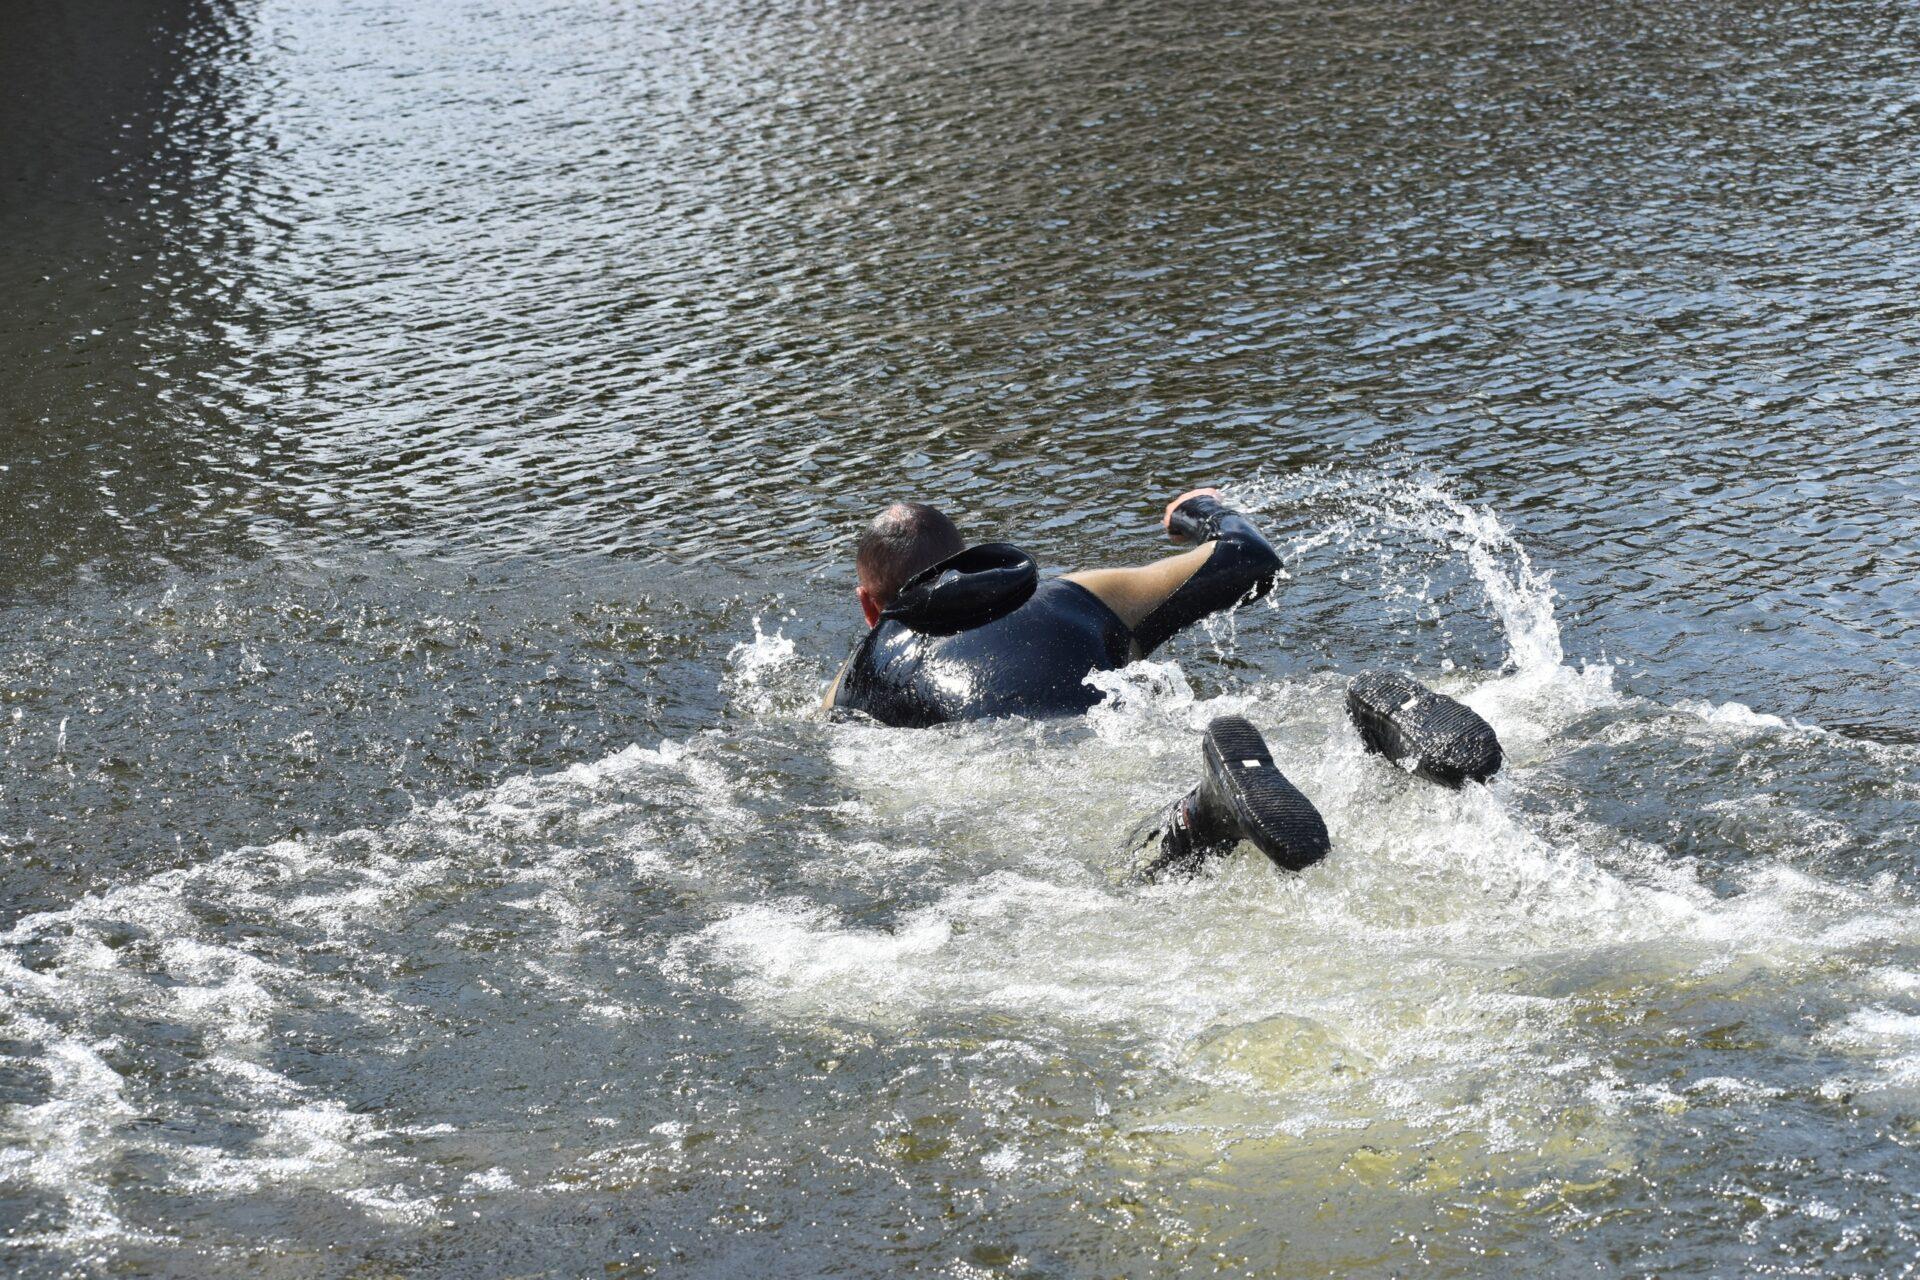 Спасатели обнаружили тело утонувшего мужчины на Малой Кокшаге в Йошкар-Оле